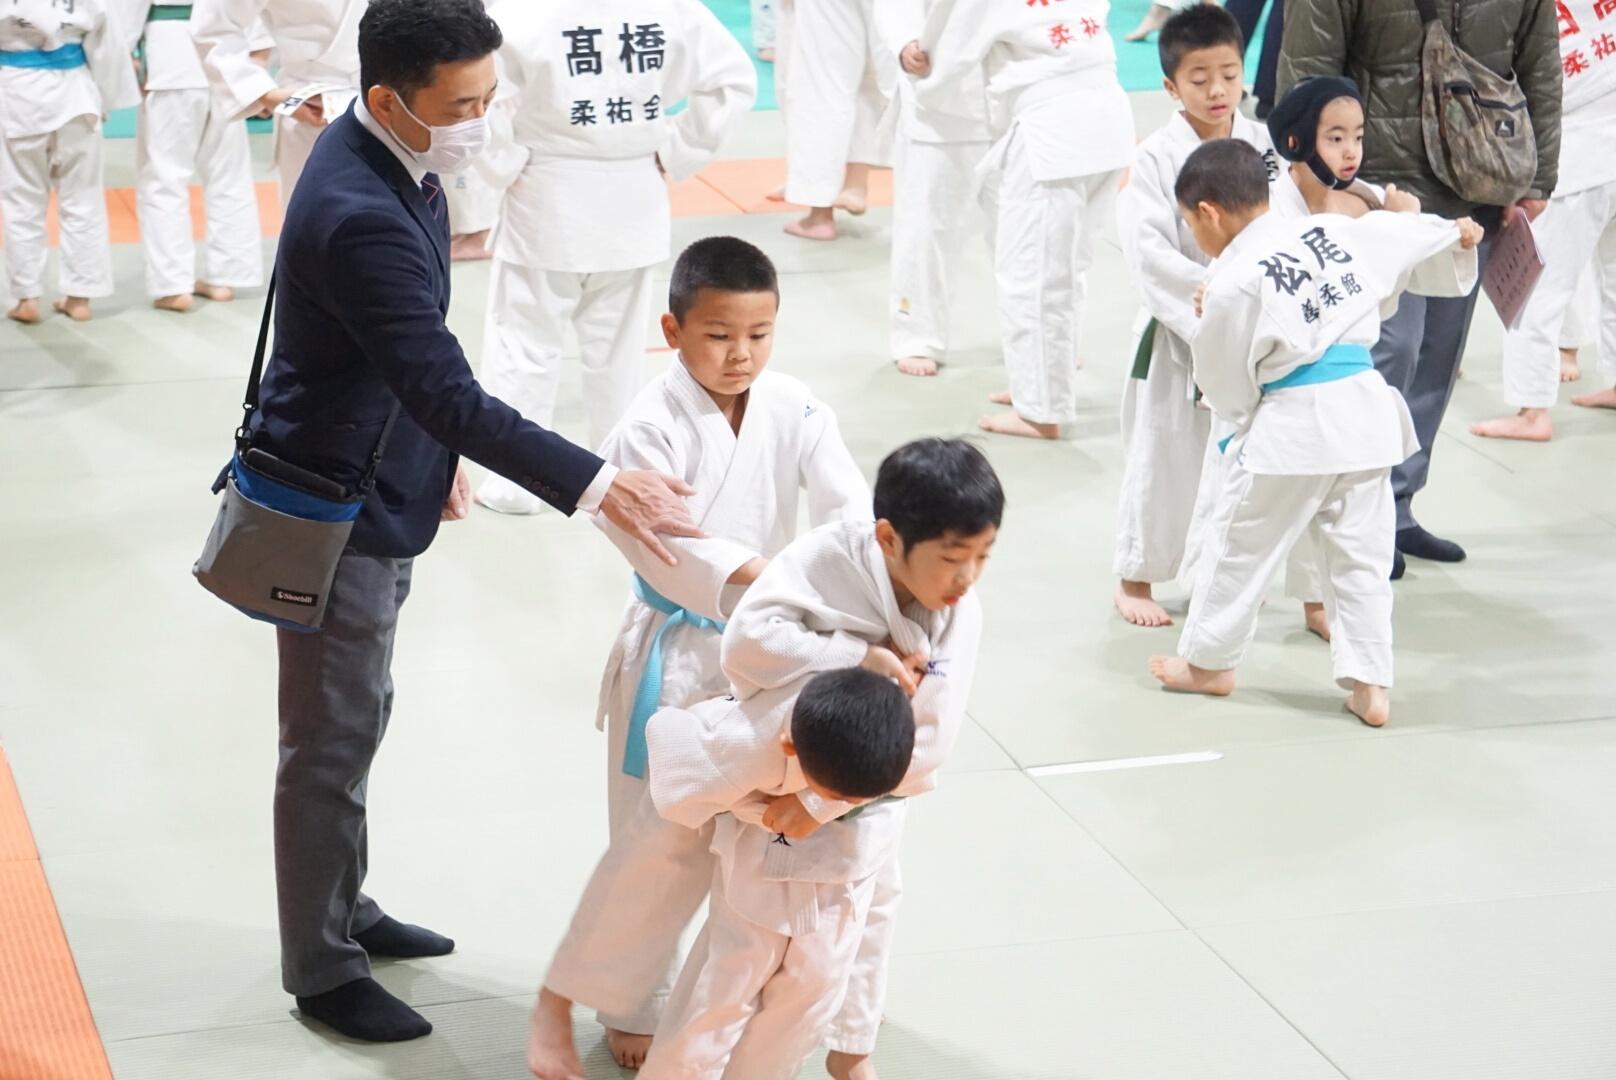 2020 柳ヶ浦少年柔道大会_b0172494_14400698.jpg